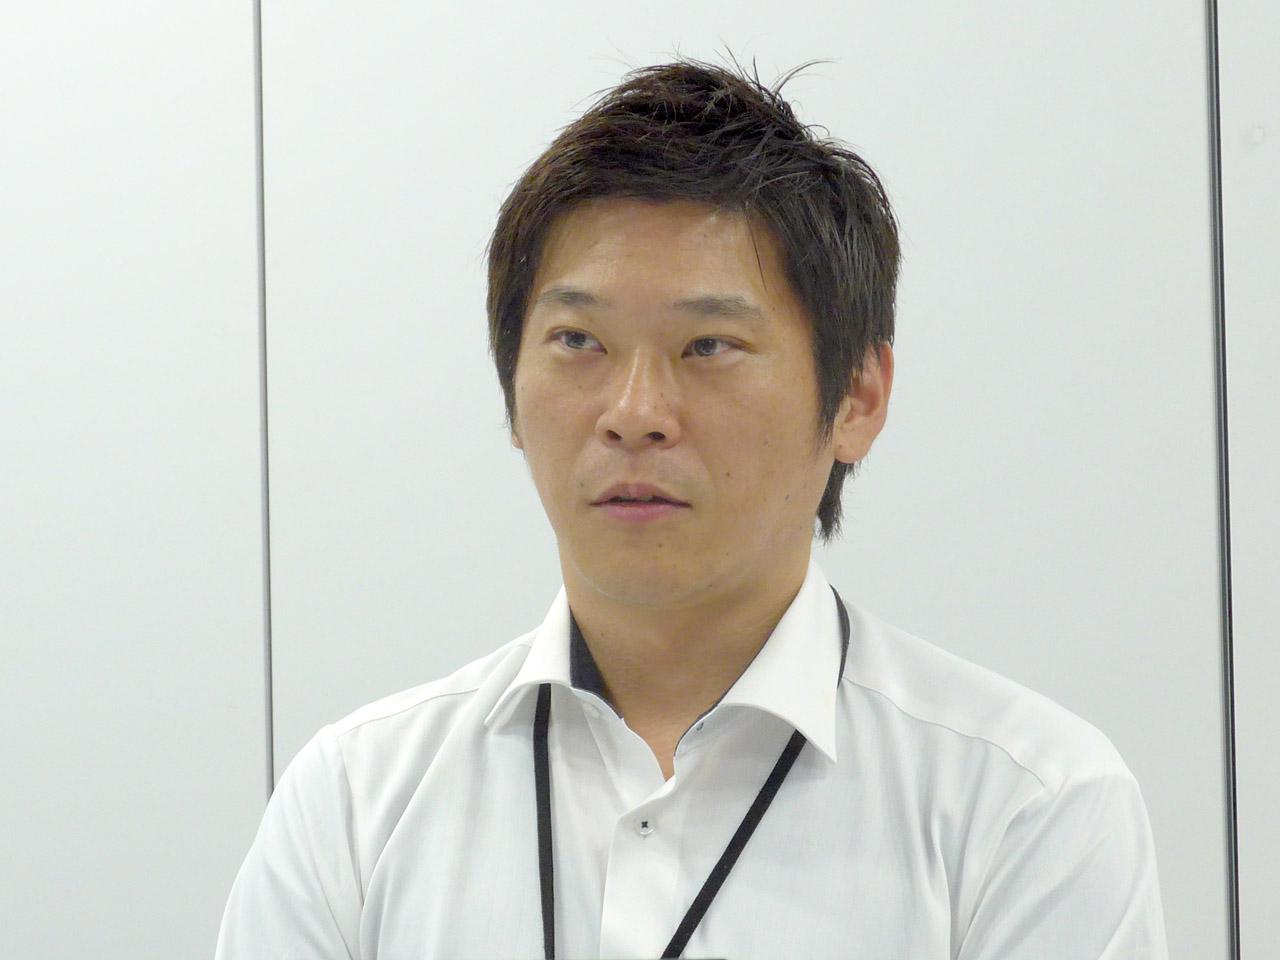 ネットギアジャパン合同会社の前田力氏(マーケティングマネージャー)